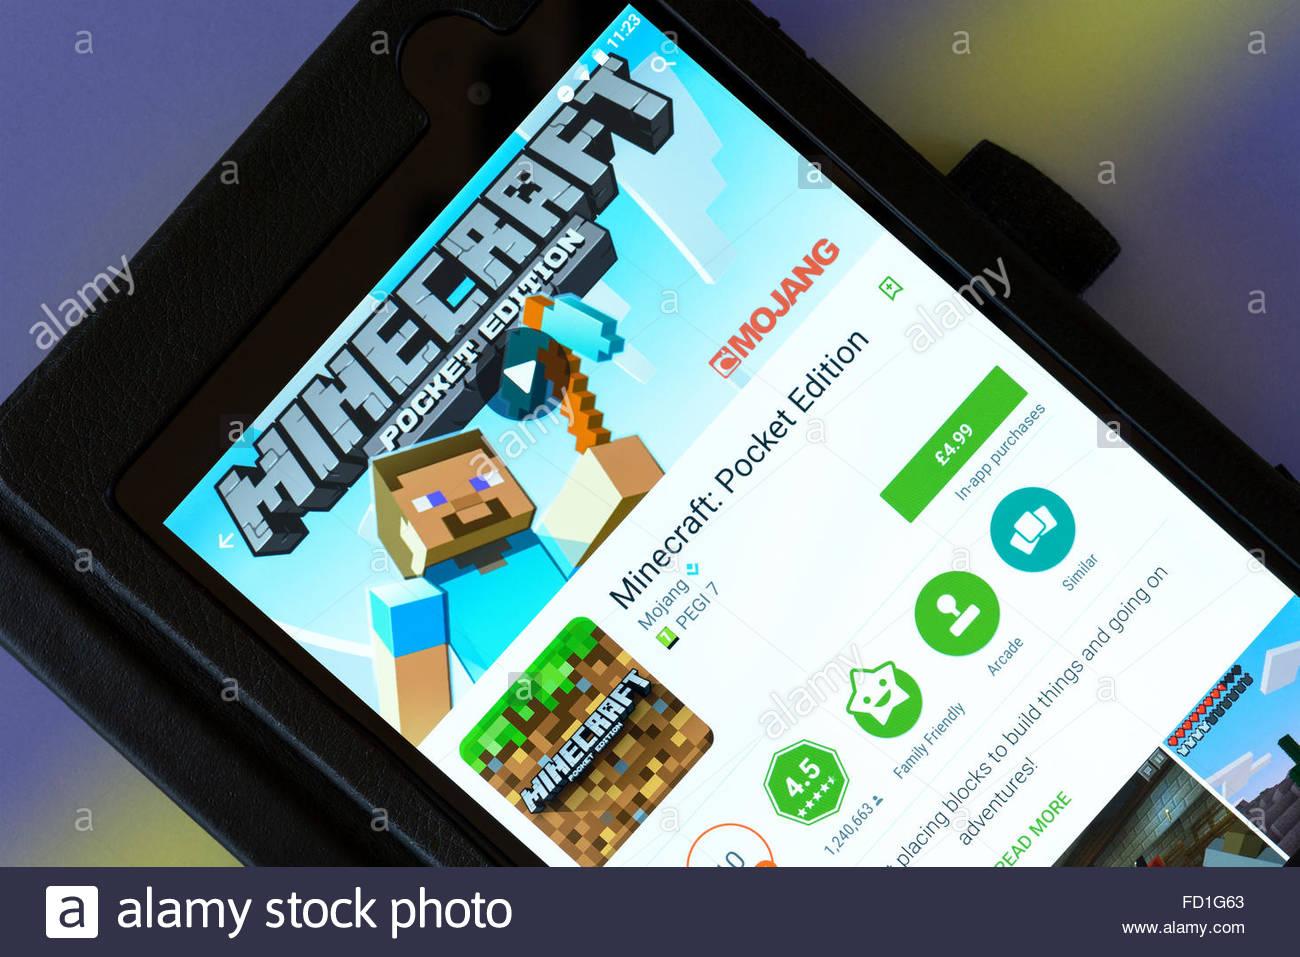 MinecraftVideoSpiel App Auf Einem AndroidTabletPC Dorset - Spiele wie minecraft pc